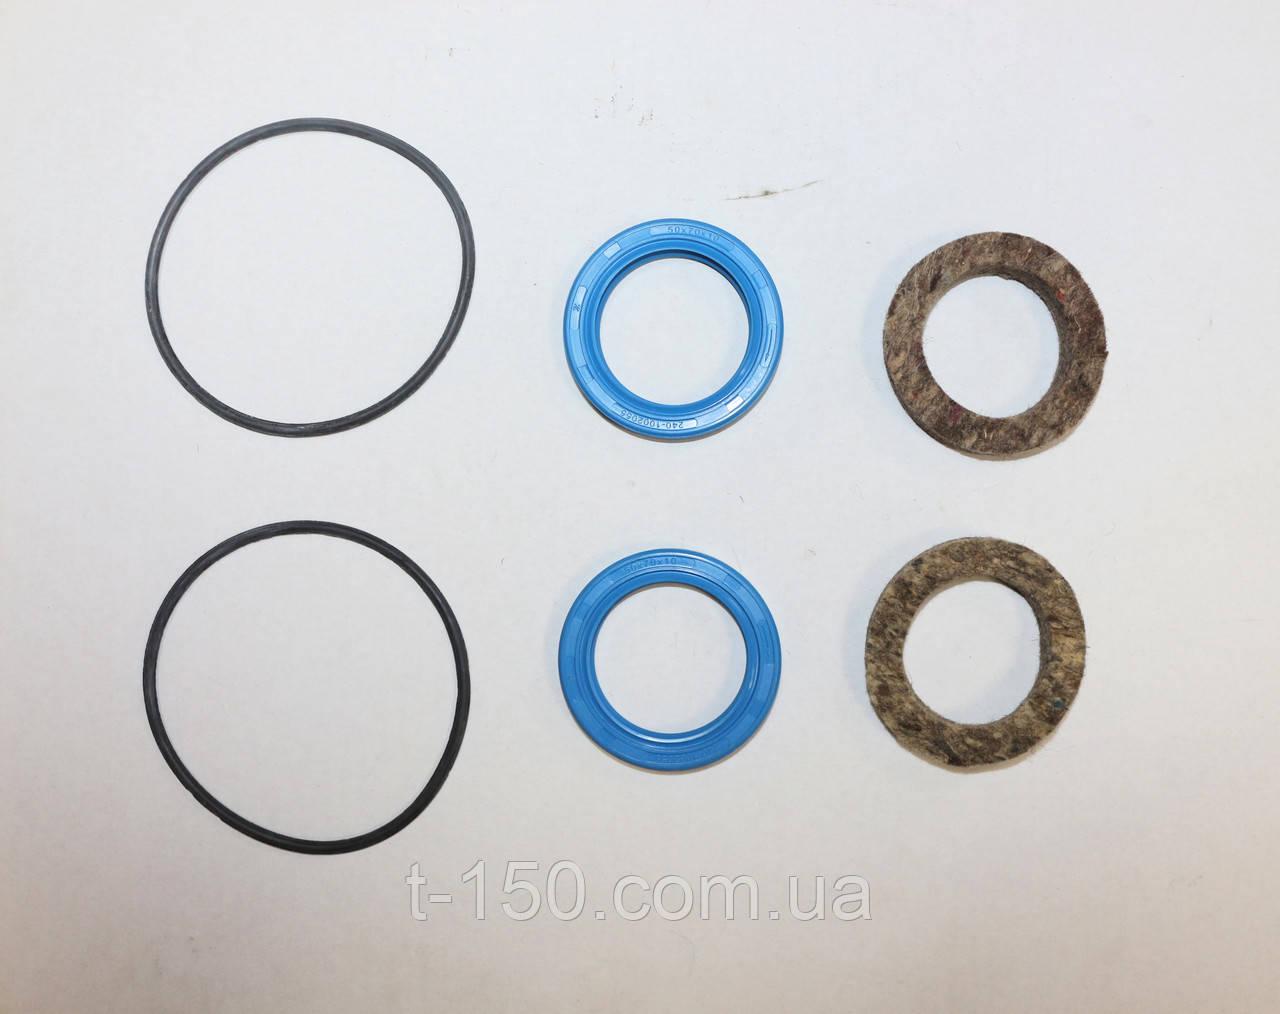 Ремкомплект опоры промежуточной вала ВОМ Т-150 (151.36.112-1)